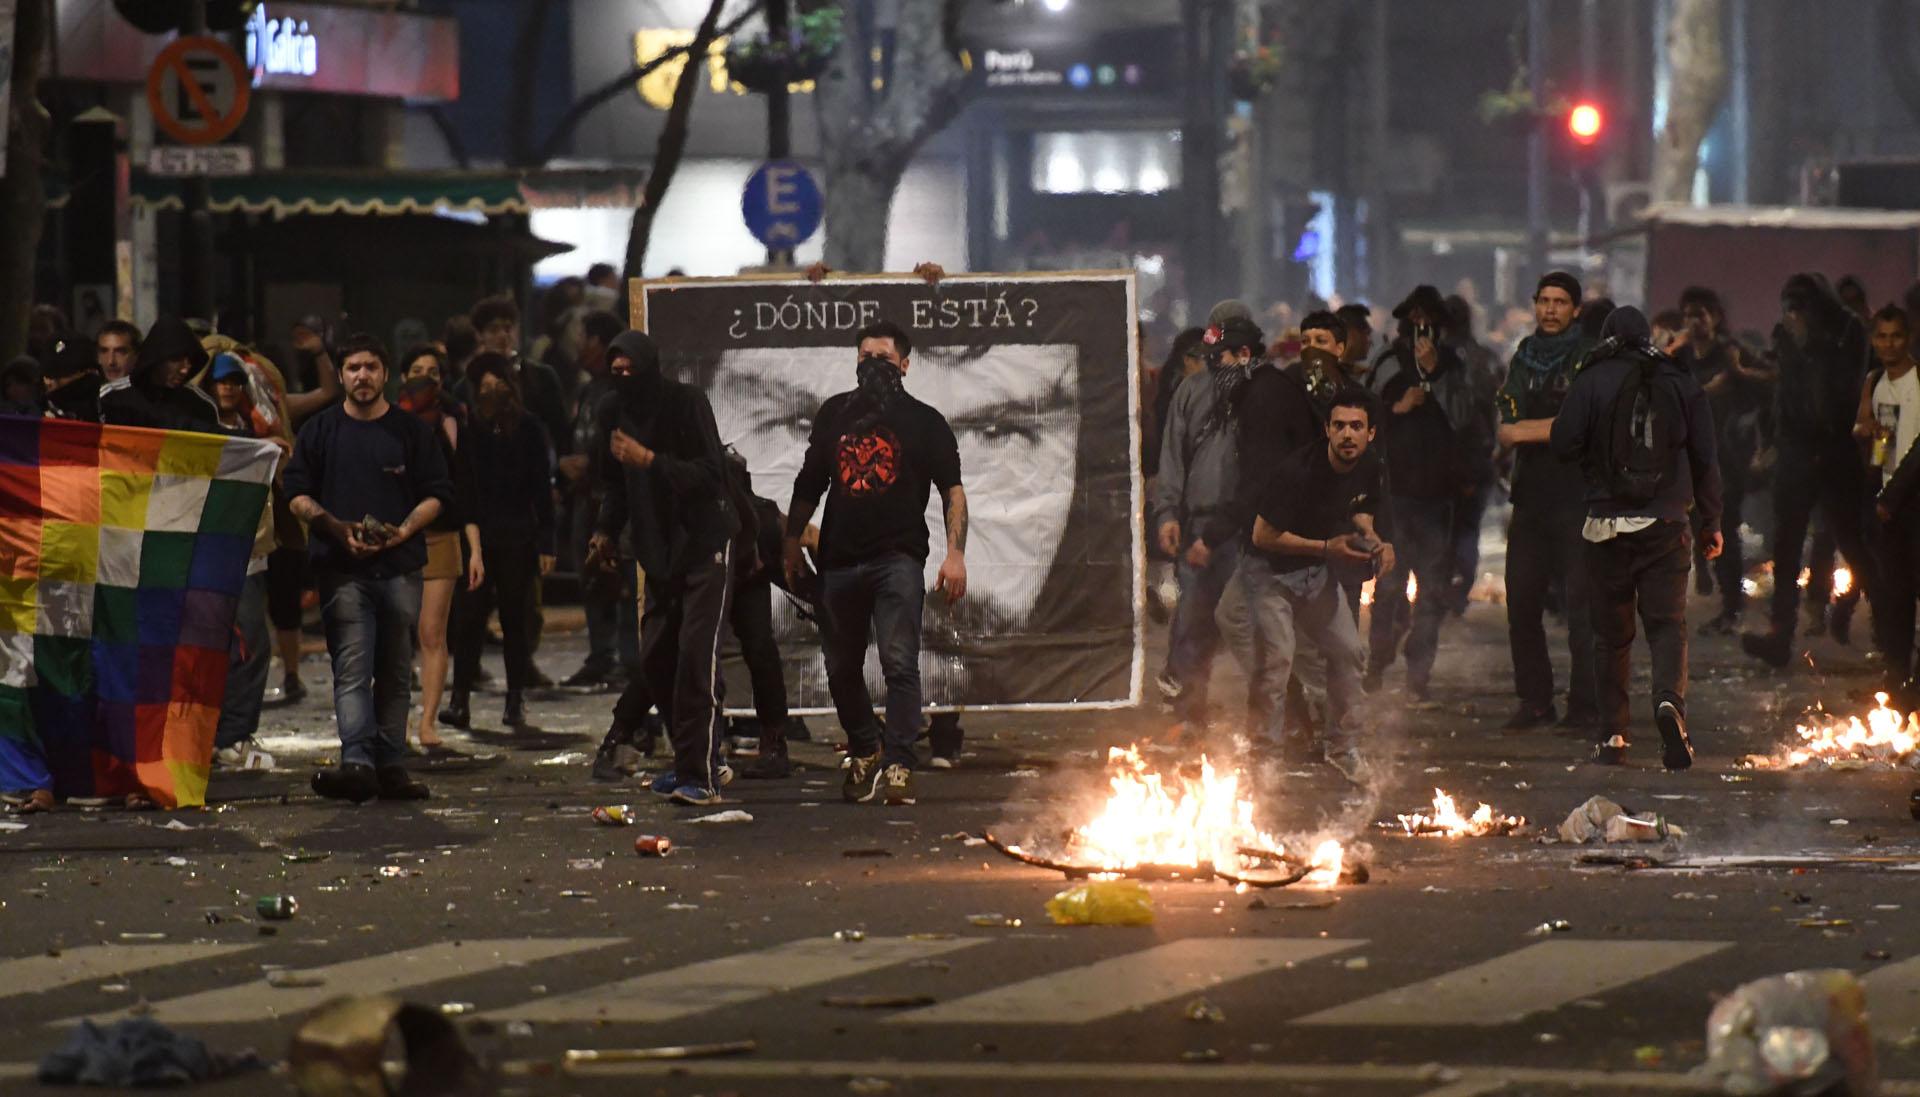 Fuego y destrozos generados por los manifestantes en el centro porteño durante la marcha por Santiago Maldonado